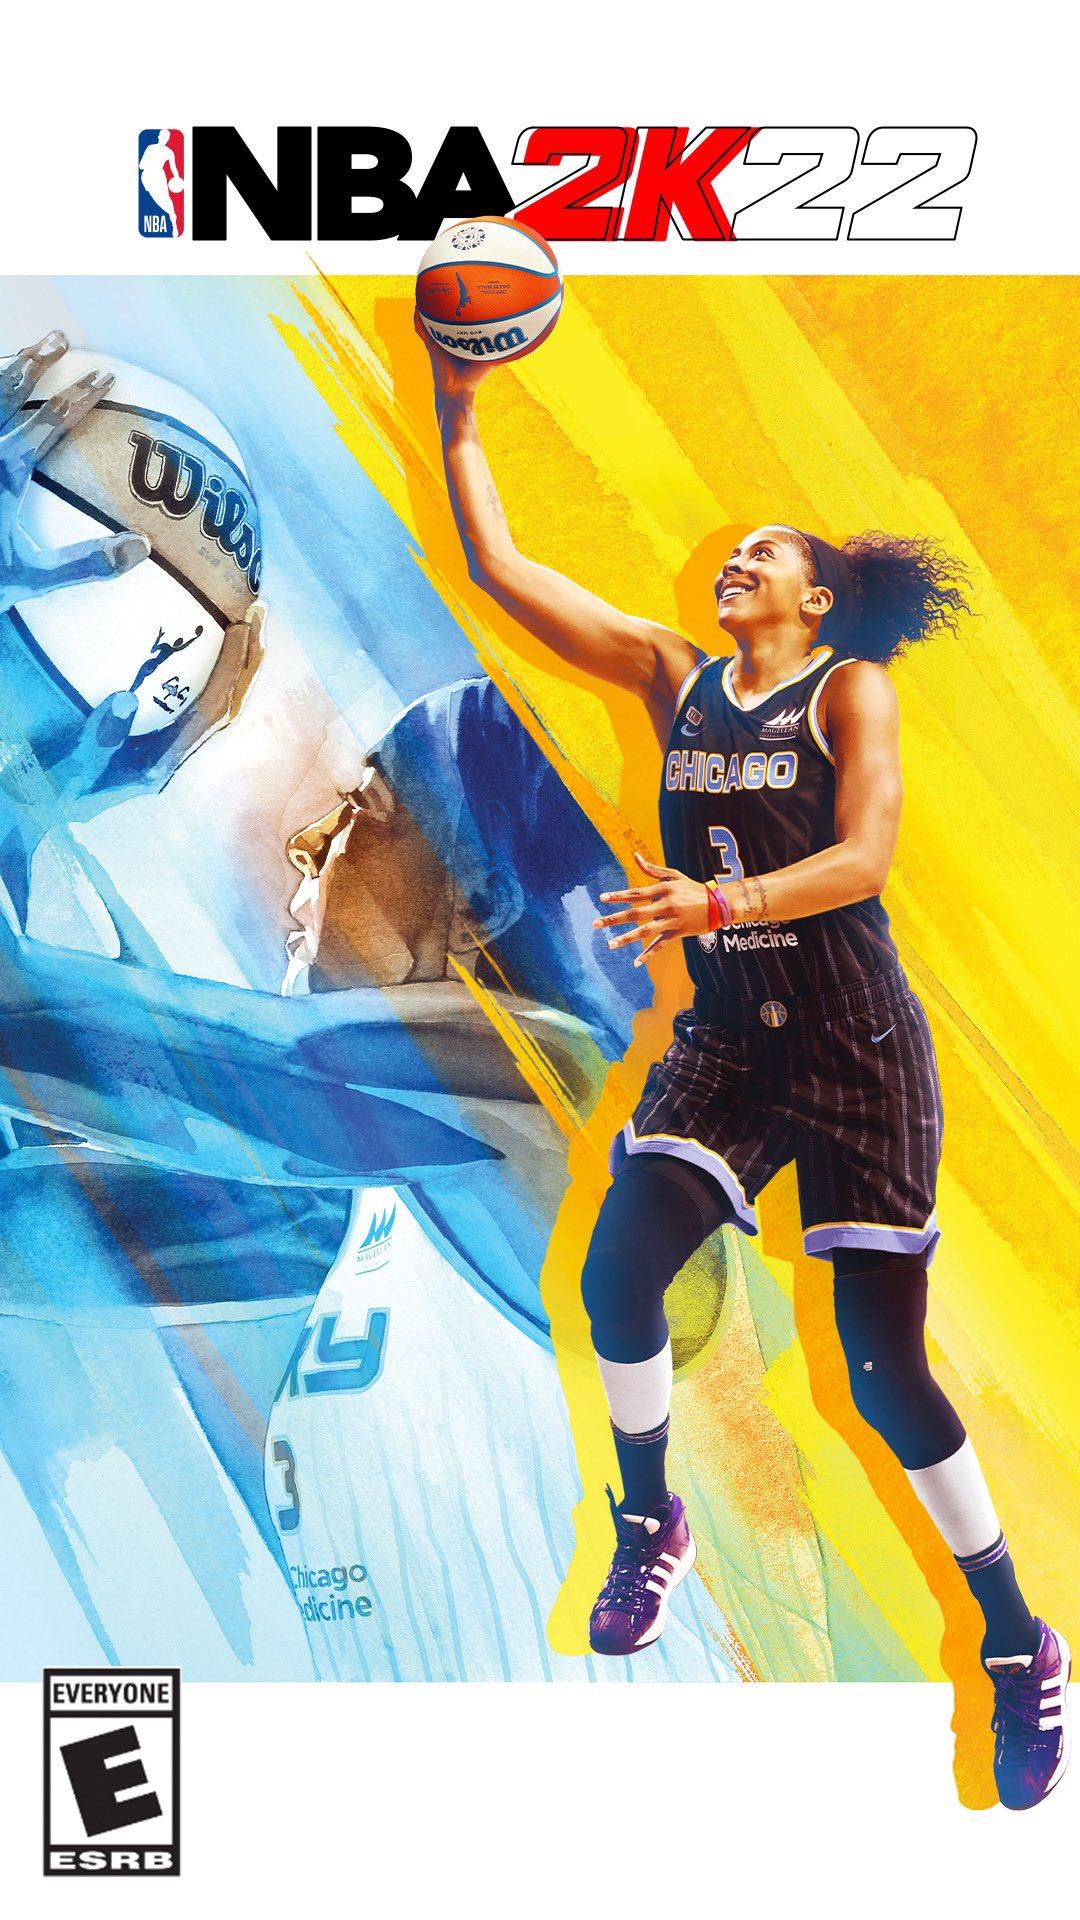 Candace Parker portada del NBA2K22